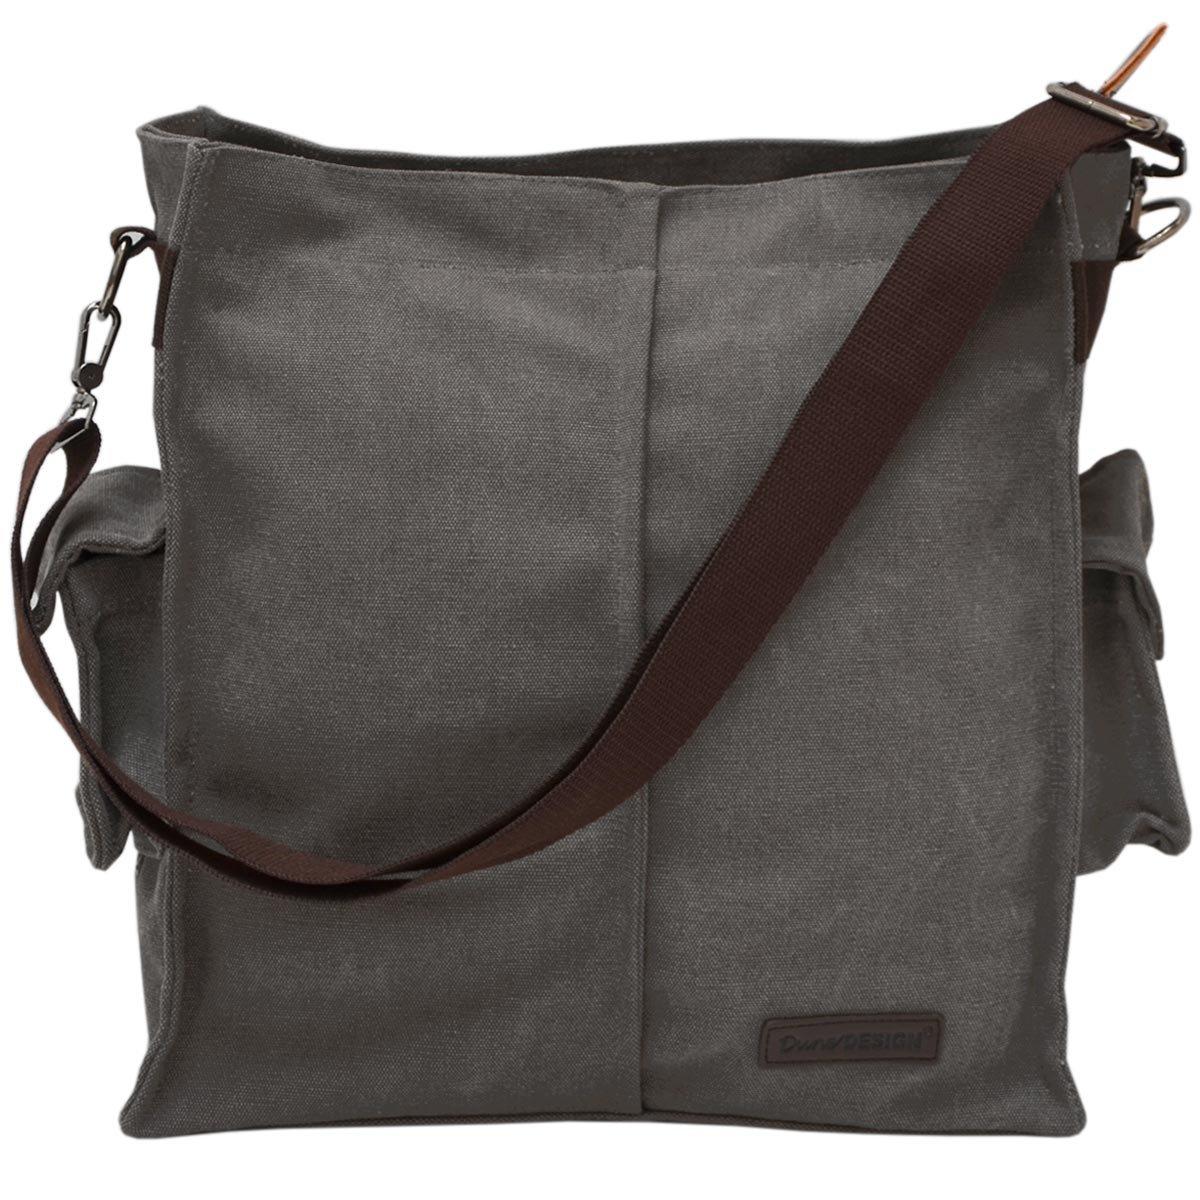 DuneDesign XXL Umh/ängetasche mit Geheimfach Unisex Handtasche 15x35x40cm Wertsachen Safe Geldversteck Tresor Tasche